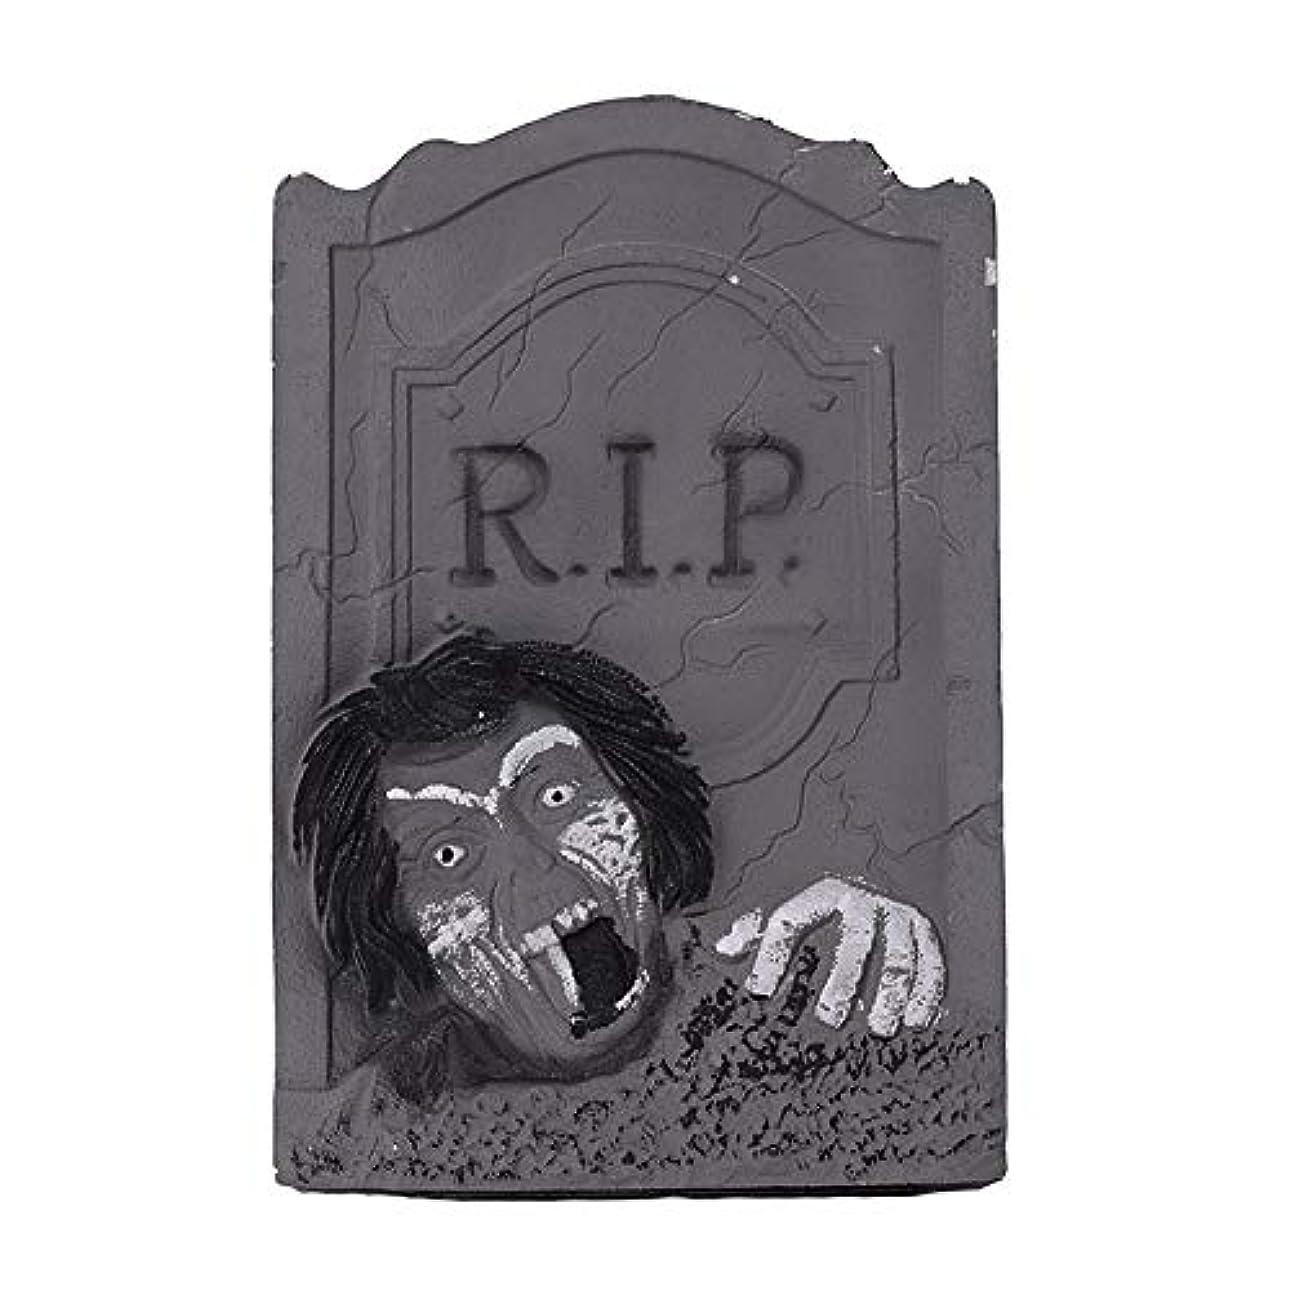 領事館電話する展望台ETRRUU HOME ハロウィーンの装飾新しい墓石バーKTVお化け屋敷秘密の部屋ホラー装飾品写真の小道具